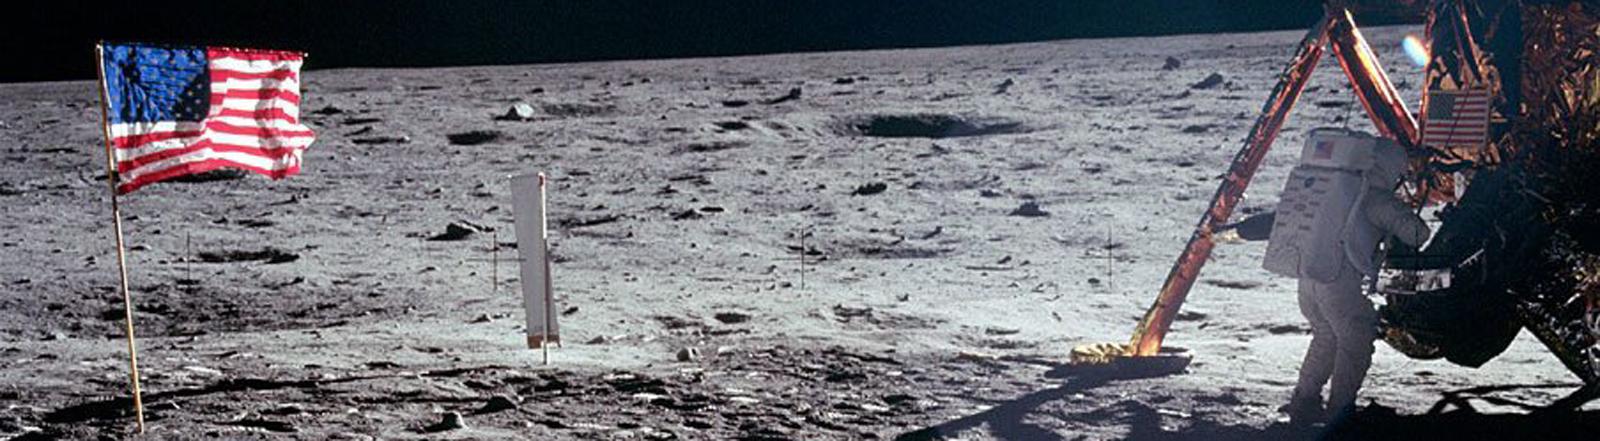 Aufnahme der Mondlandung vom 20. Juli 1969 (US-Zeit), links flaggt die US-Fahne, rechts steht ein Astronaut außen an der Landefähre; Bild: dpa